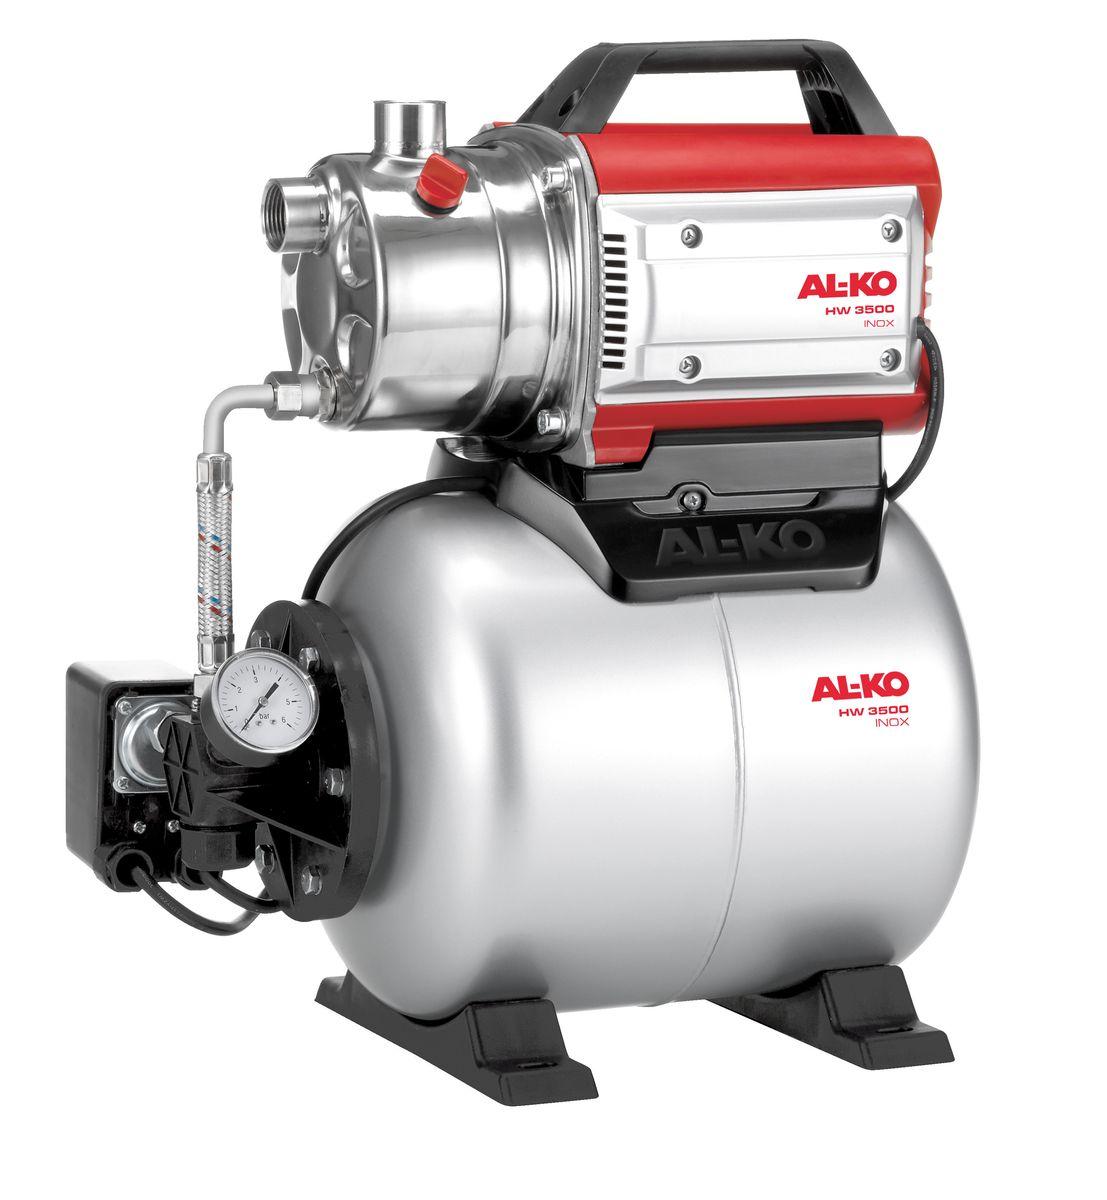 Станция насосная AL-KO HW 3500 Inox Classic112848Насосная станция AL-KO HW 3500 Inox Classic очень легко вводится в эксплуатацию. Она надежна в работе, имеет низкий уровень шума. Корпус выполнен из высококачественной нержавеющей стали. Насосная станция имеет высокую мощность всасывания и может выдерживать высокое давление.Объем расширительного бака: 17 л.Мощность: 850 Вт.Глубина забора воды: 8 м.Высота напора: 38 м.Максимальный объем подачи: 3400 л/час.Рабочий механизм насоса: 1-ступенчатый.Диаметр входного и выходного отверстий: G 1.